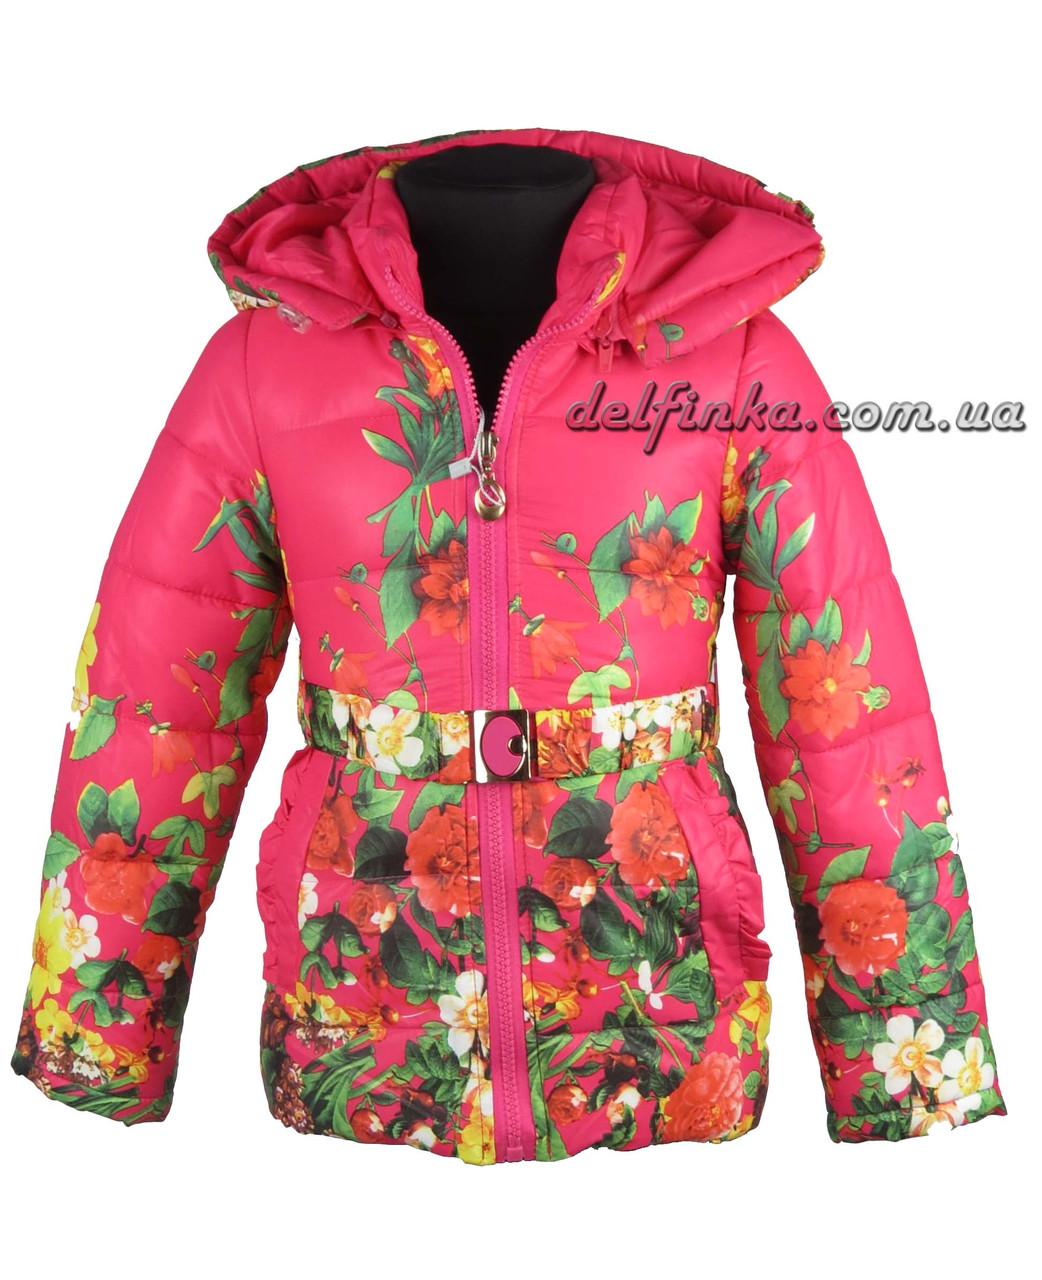 Куртка для девочек  демисизонная 2-6 лет цвет малиновый, фото 1